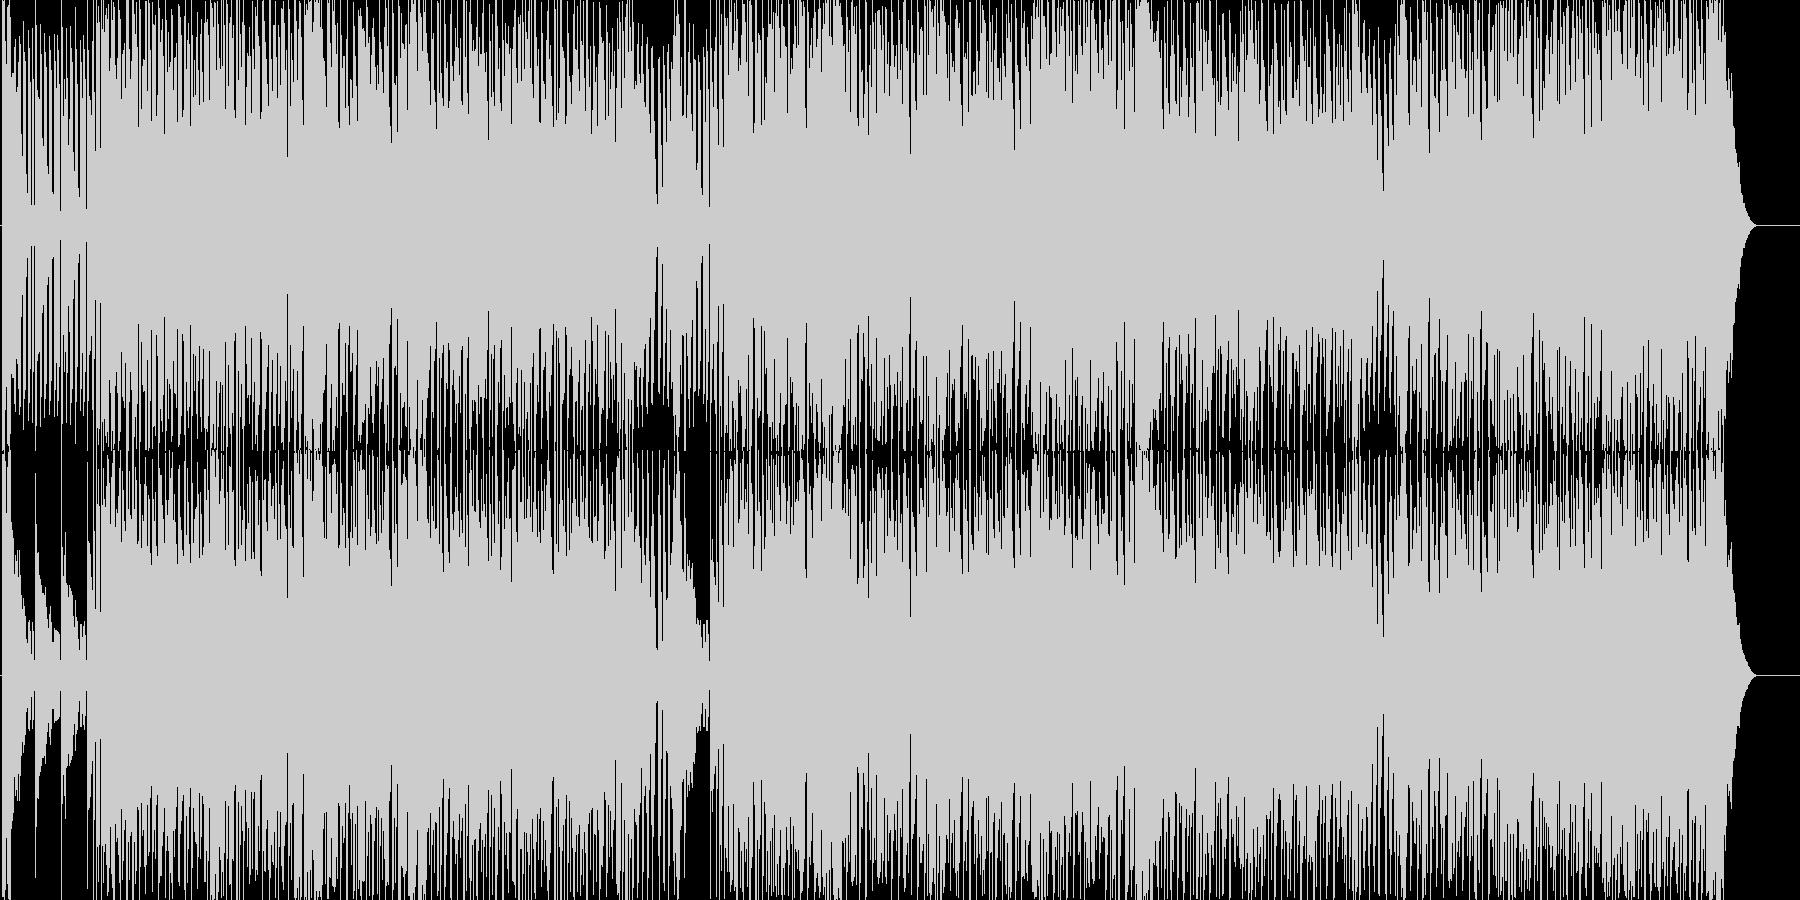 エキゾチックでノリノリなユーロビートの未再生の波形